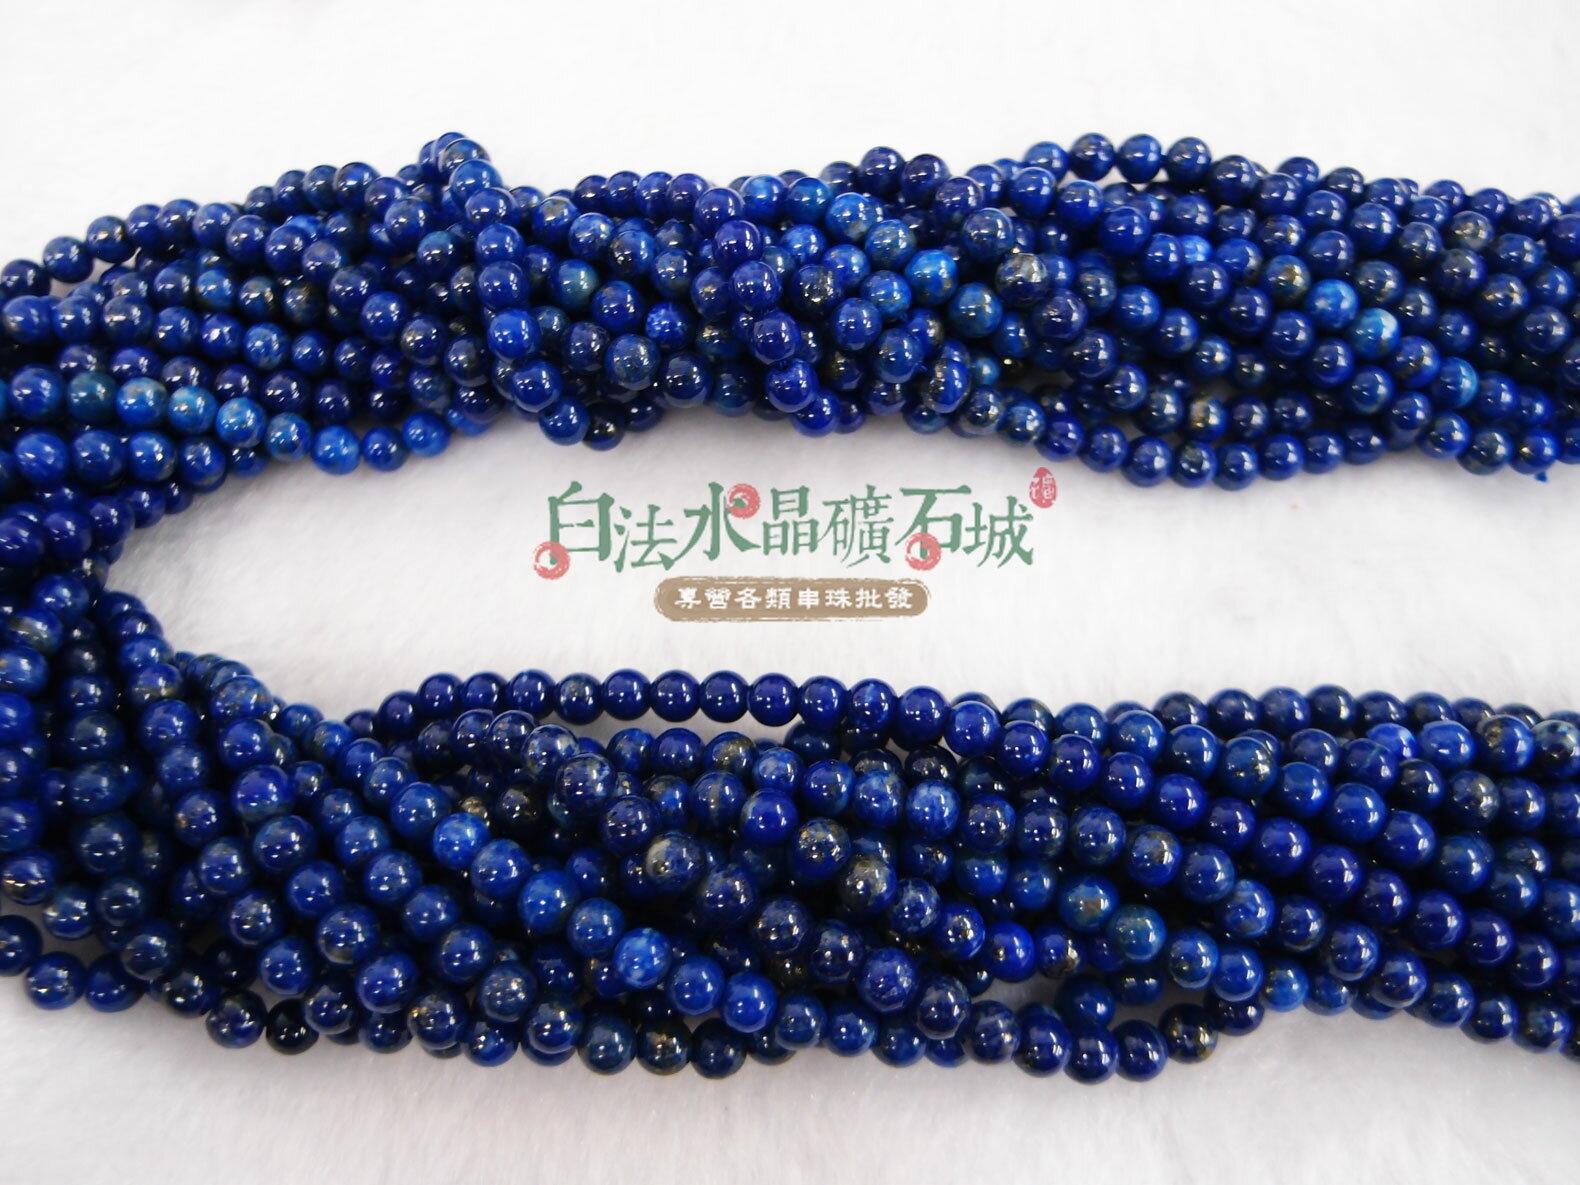 白法水晶礦石城 阿富汗 天然~青 4mm ~原礦天青藍色 金星^(黃銅礦^)明顯~ 串珠